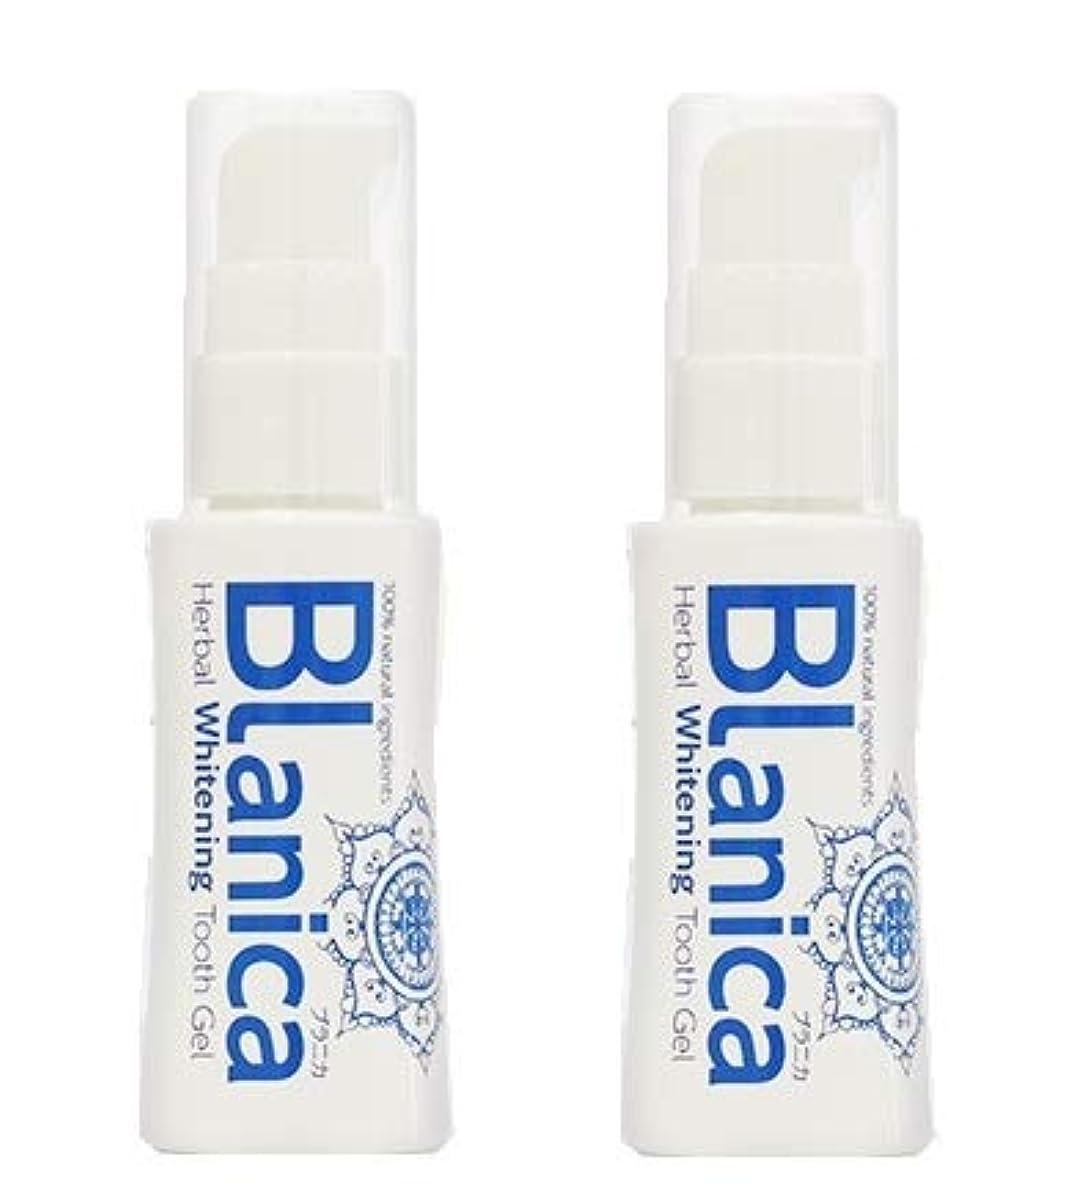 しなやか麺呼吸Blanica ブラニカ ホワイトニングジェル歯磨き 30g × 2本